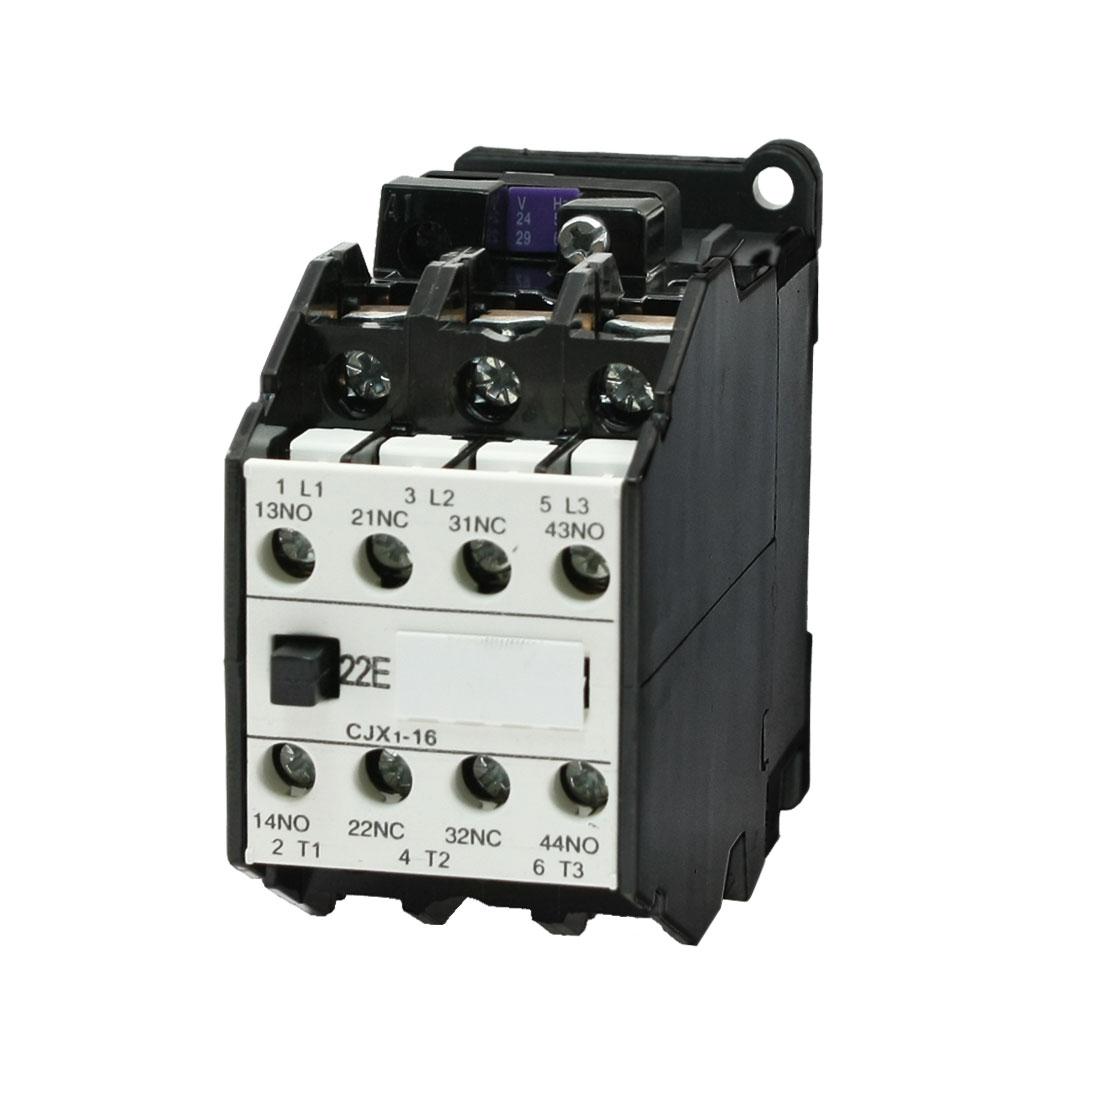 2NO + 2NC AC Contactor 24V 50Hz 29V 60Hz Coil 2 Pole CJX1-16A